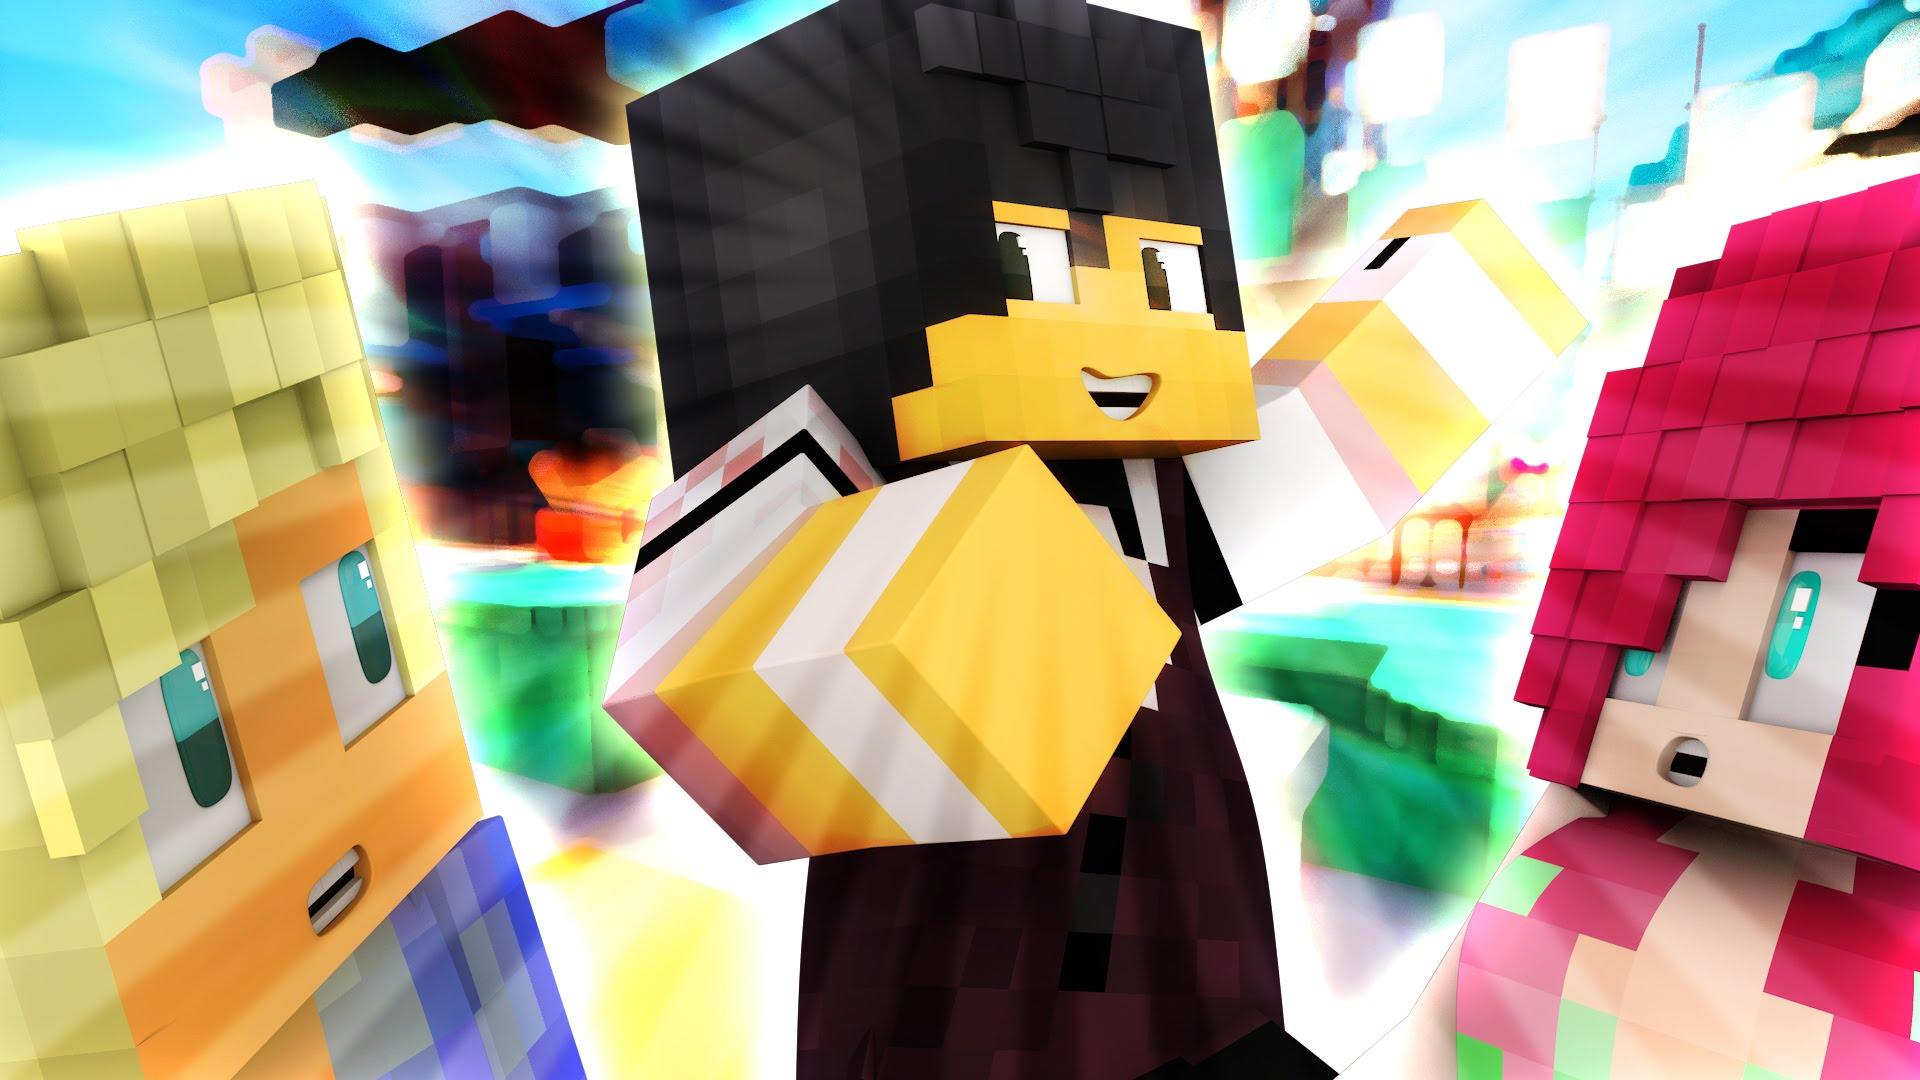 Best Wallpaper Minecraft Aaron - latest?cb\u003d20160705195915  Pic_624334.jpg/revision/latest?cb\u003d20160705195915